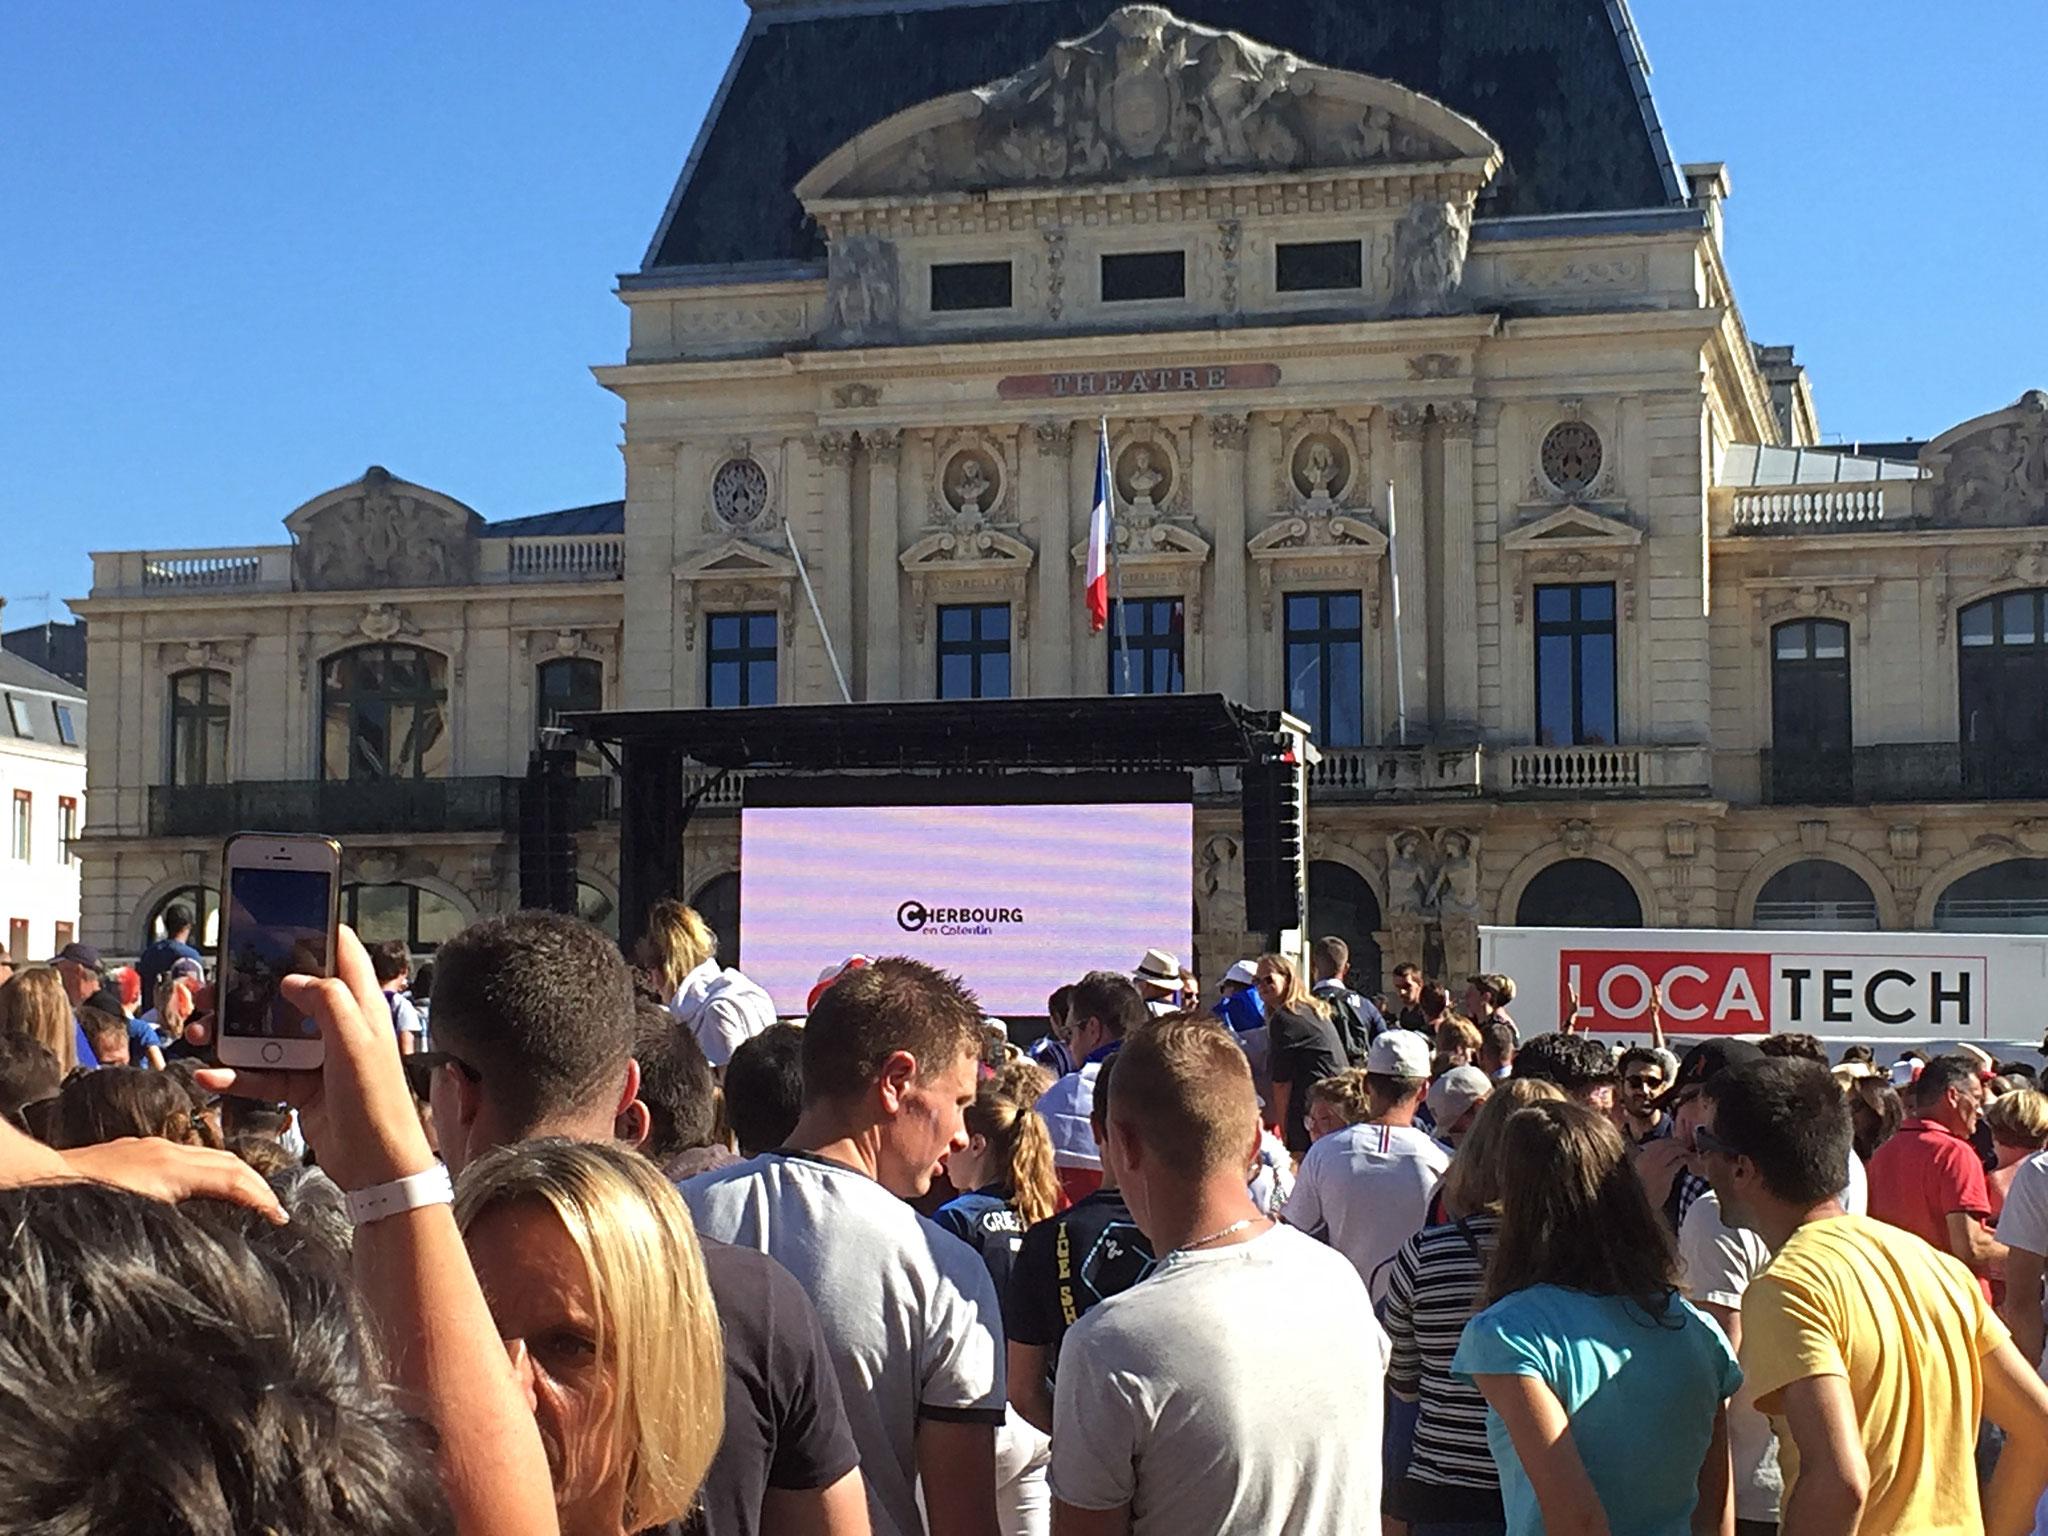 Cherbourg, vor dem Rathaus am Finalabend: Tausende feierten hier später den Weltmeister-Titel ziemlich euphorisch....